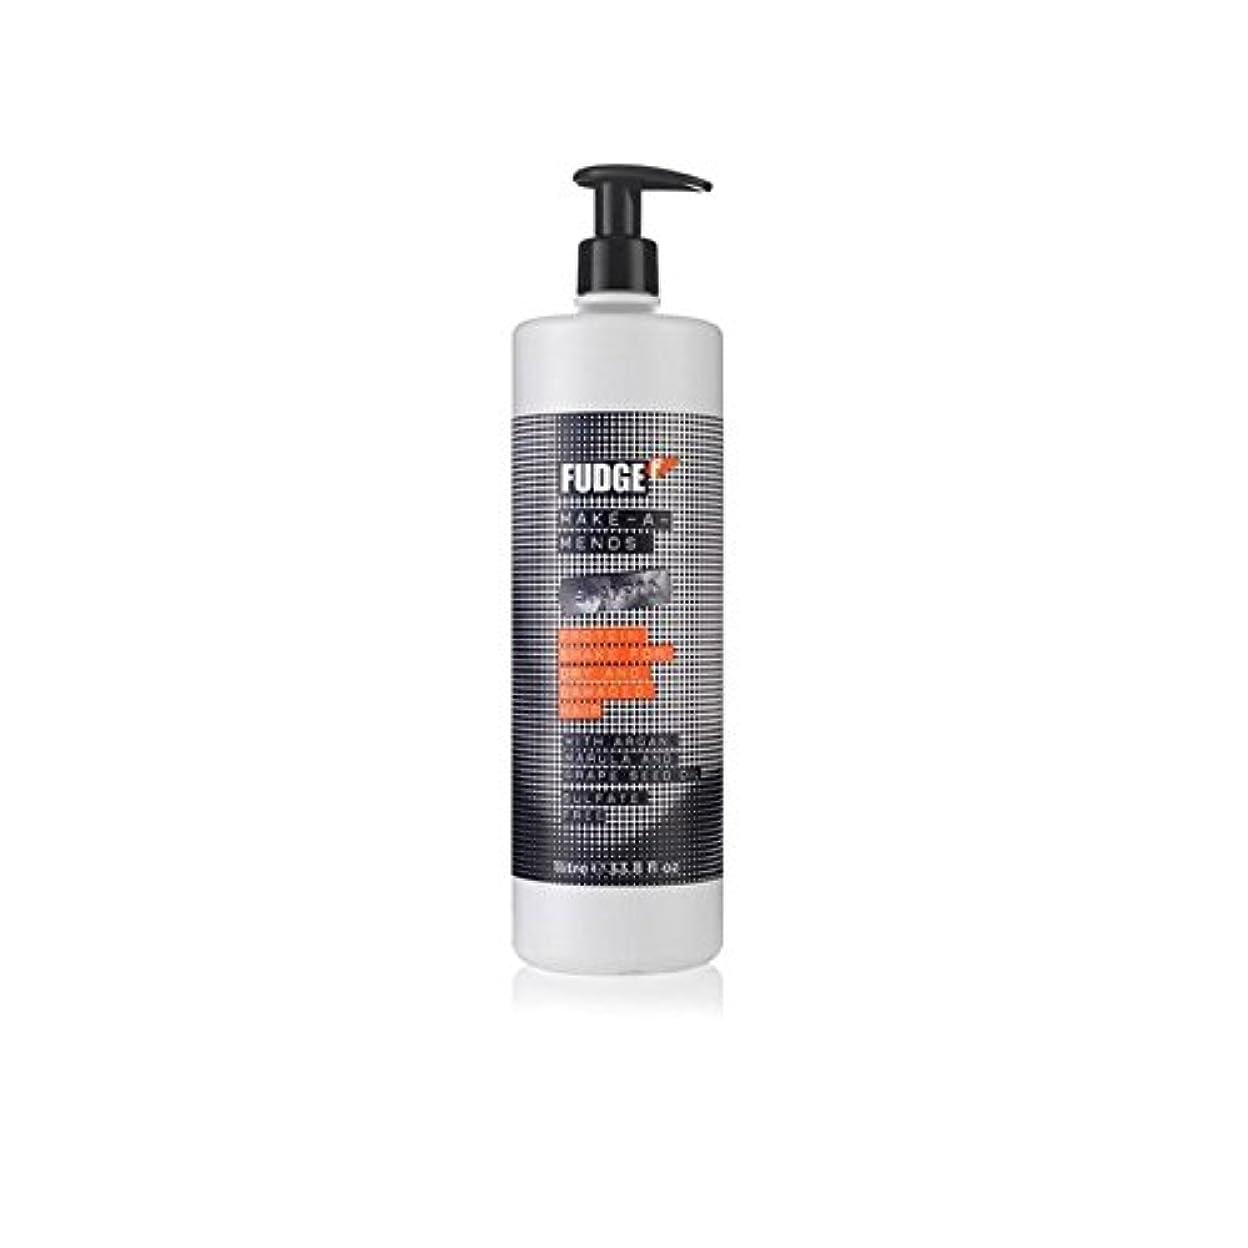 アラバマオゾン程度Fudge Make-A-Mends Shampoo (1000ml) (Pack of 6) - ファッジメイク-シャンプー(千ミリリットル) x6 [並行輸入品]